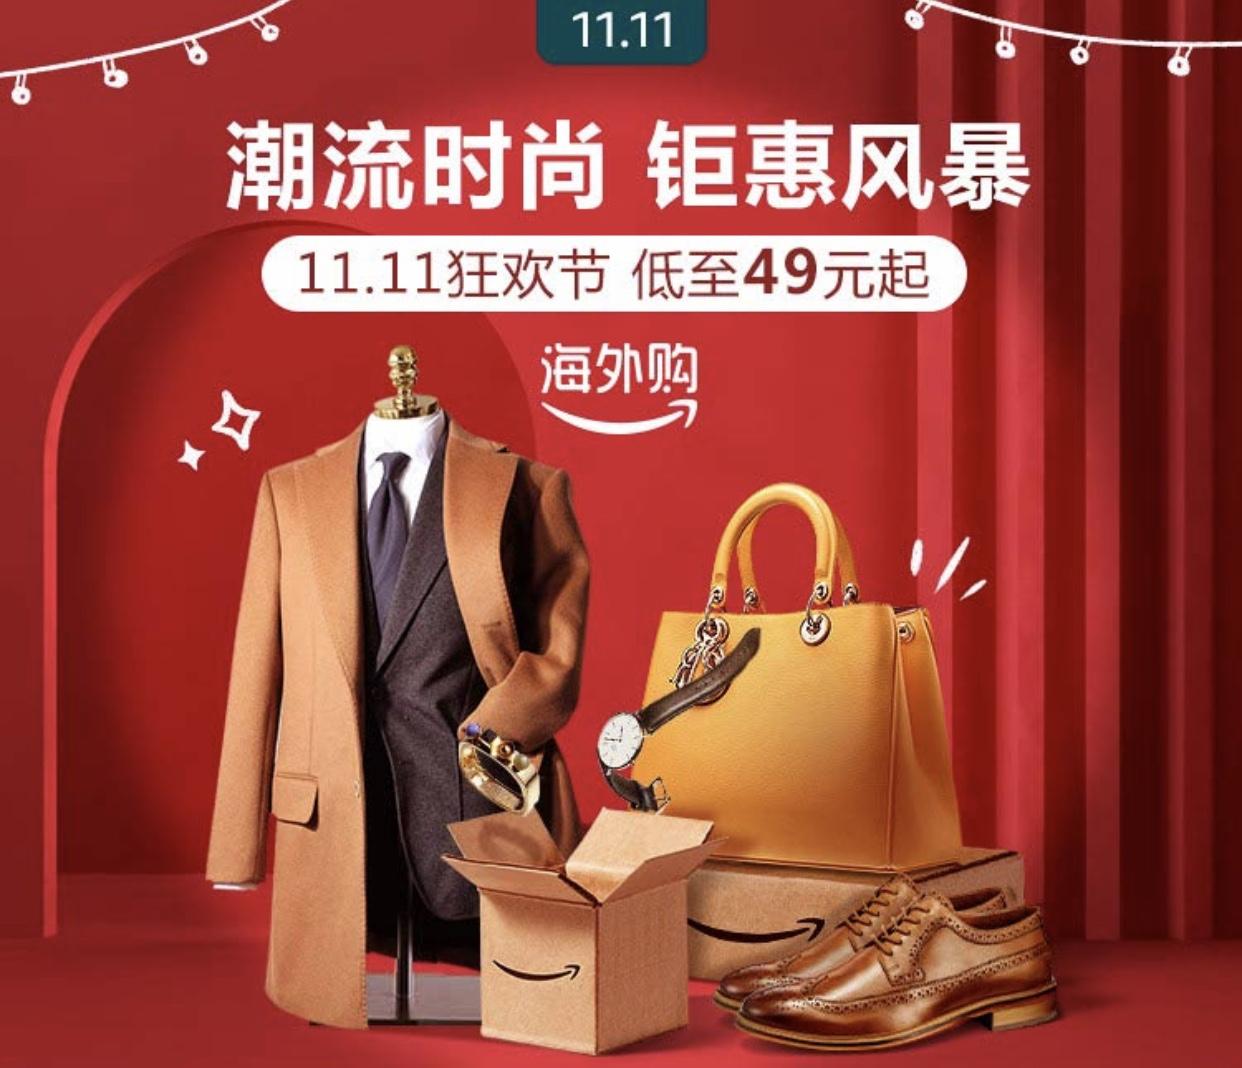 http://www.xqweigou.com/dianshangshuju/73888.html